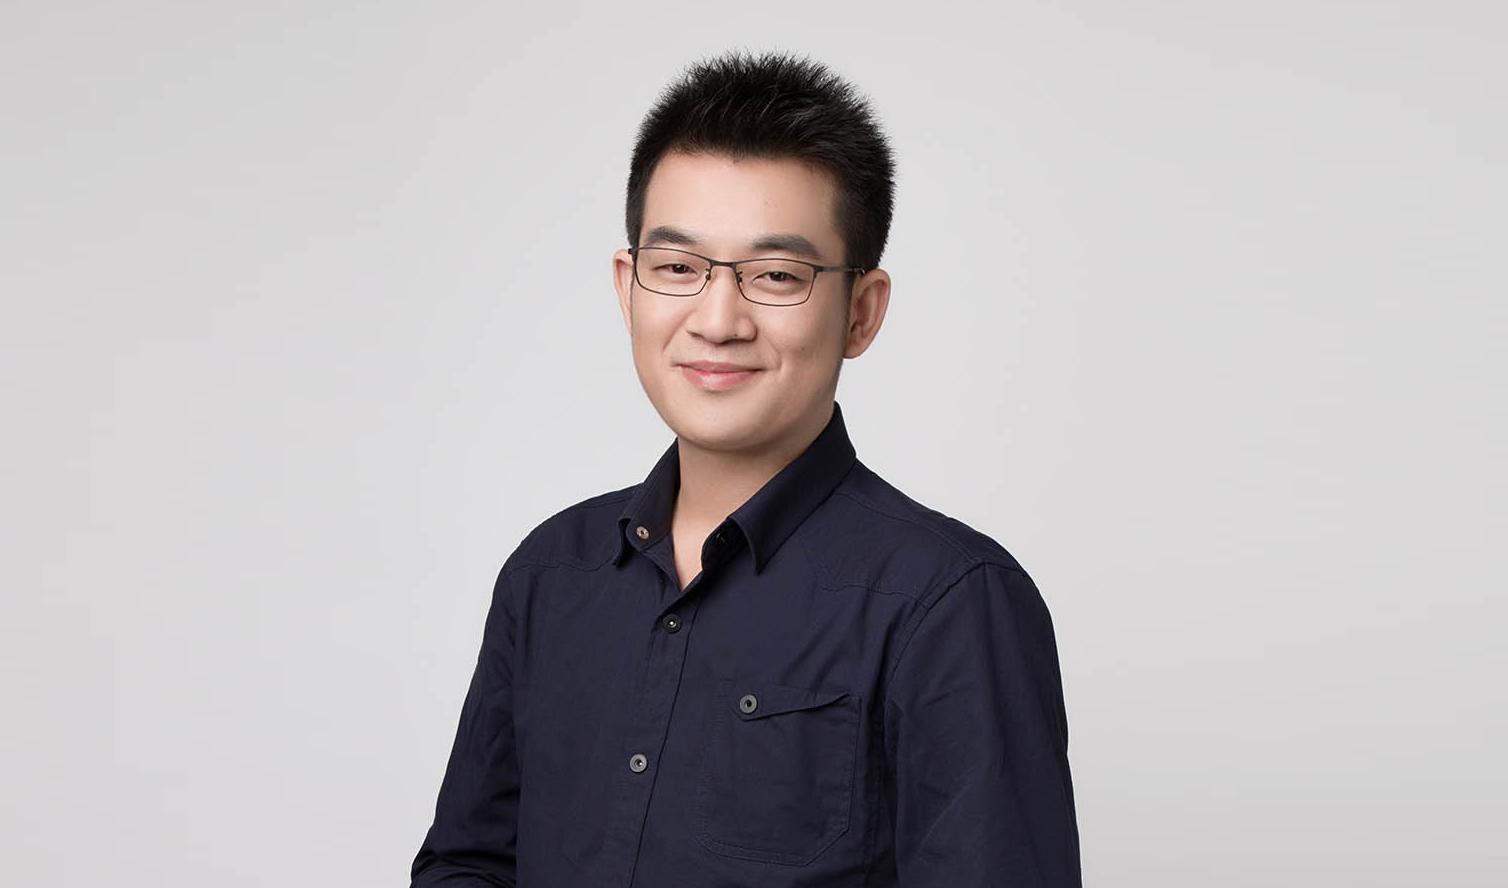 徐宏庆认为,线下培训机构最大的问题在于过度依赖老师。